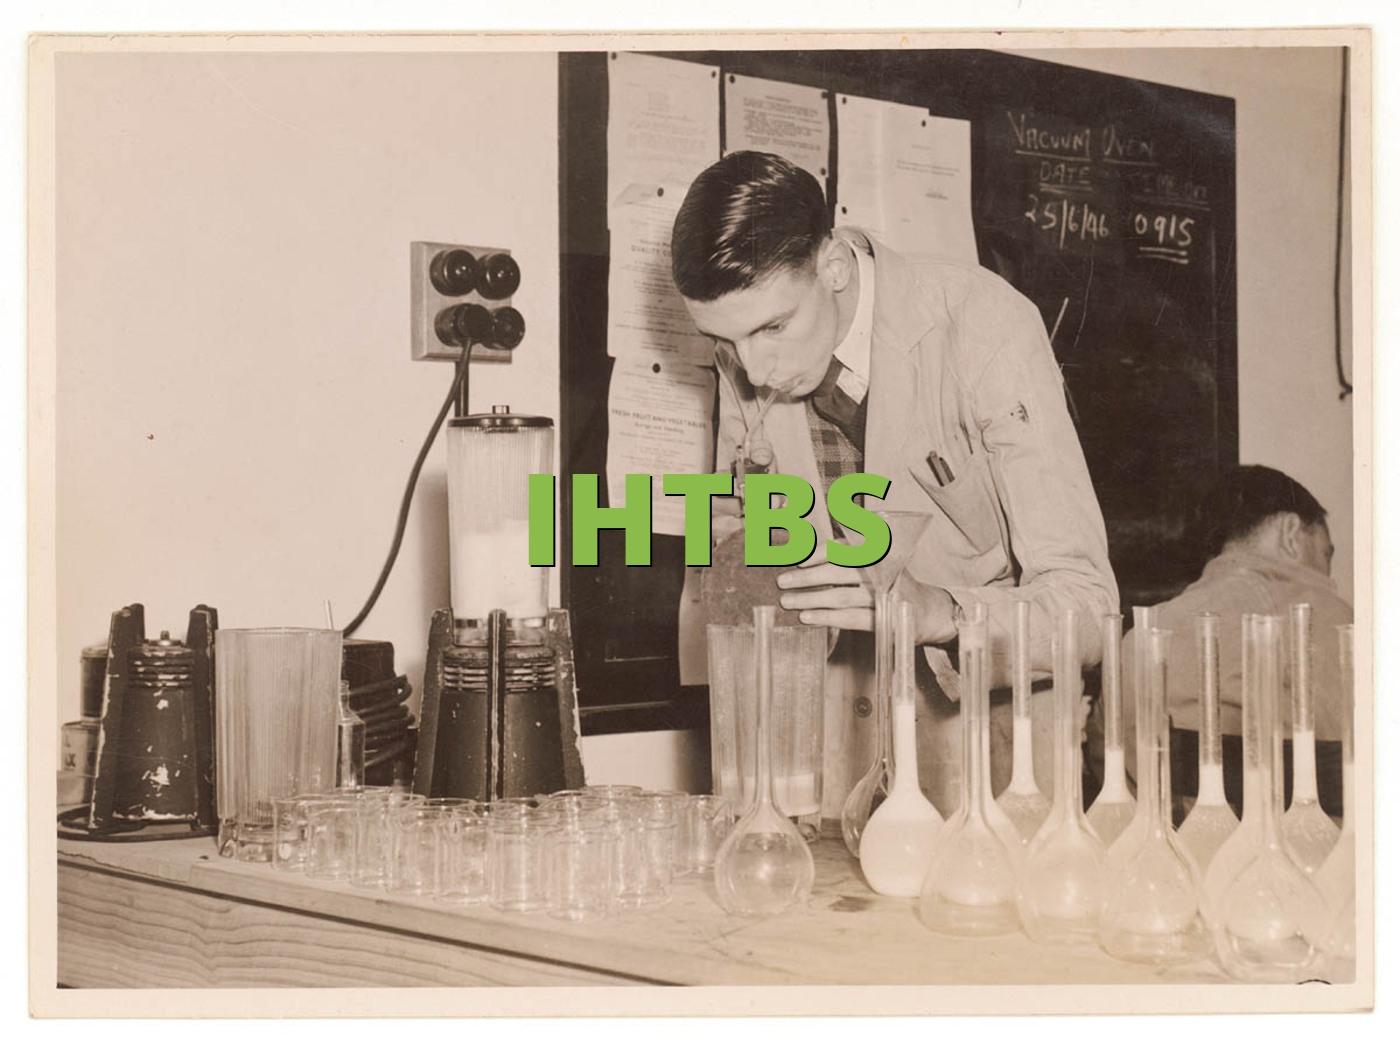 IHTBS